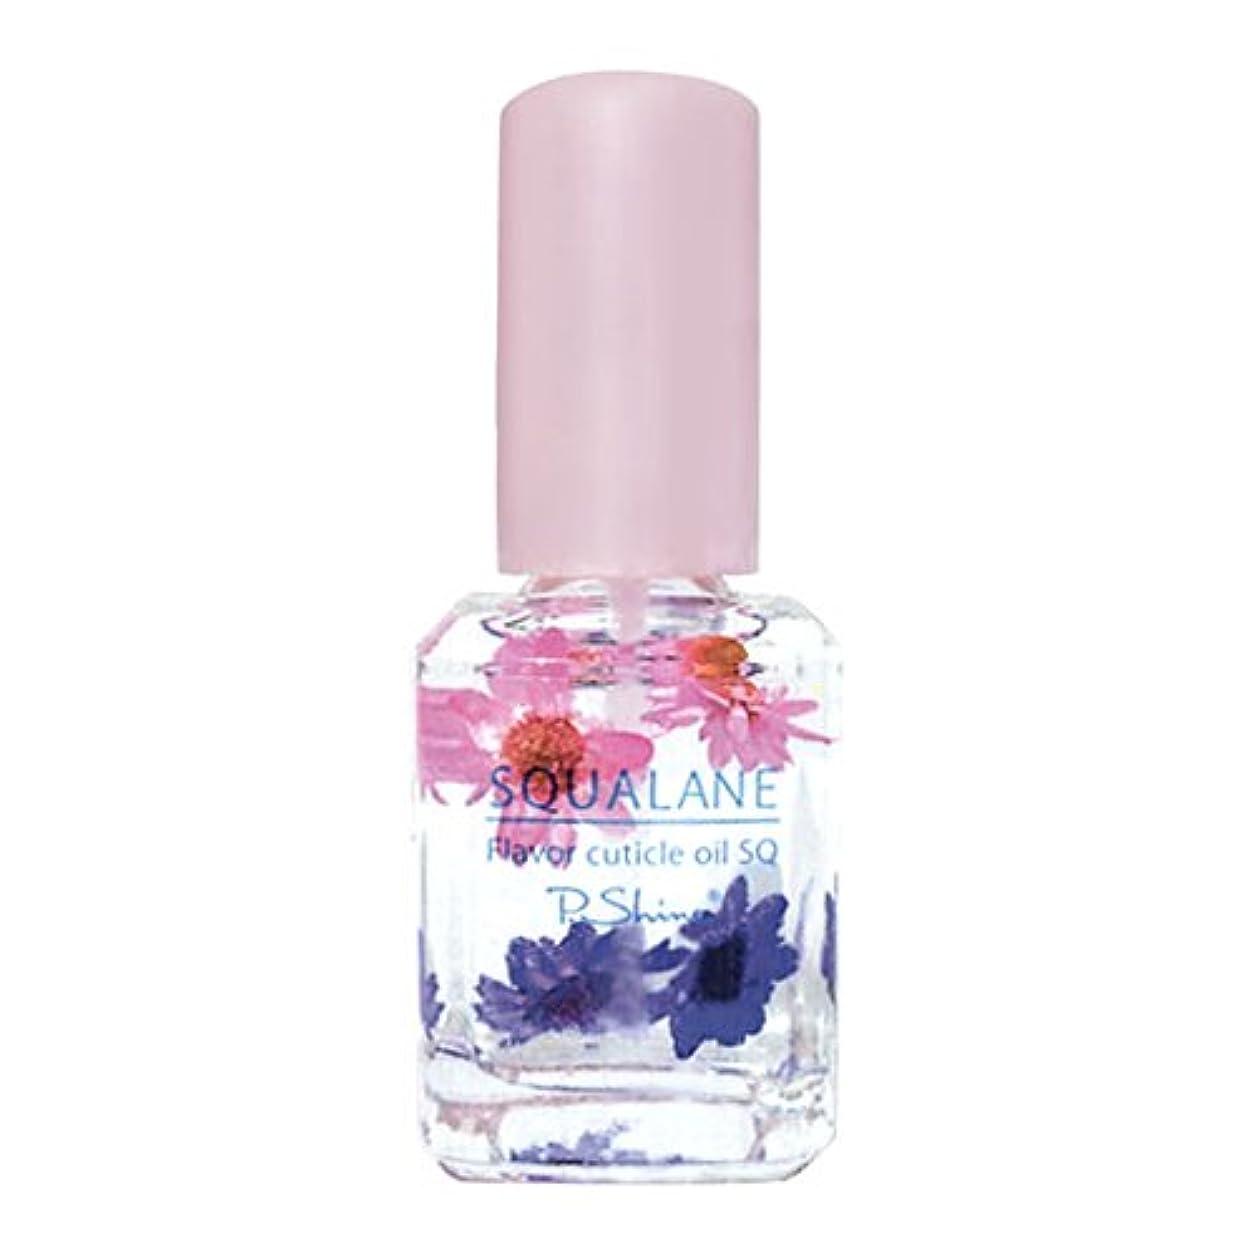 第二にフィルタ対象P. Shine フレーバーオイルSQ フラワーリゾート 南国の花の甘く優しい香り スクワランオイル